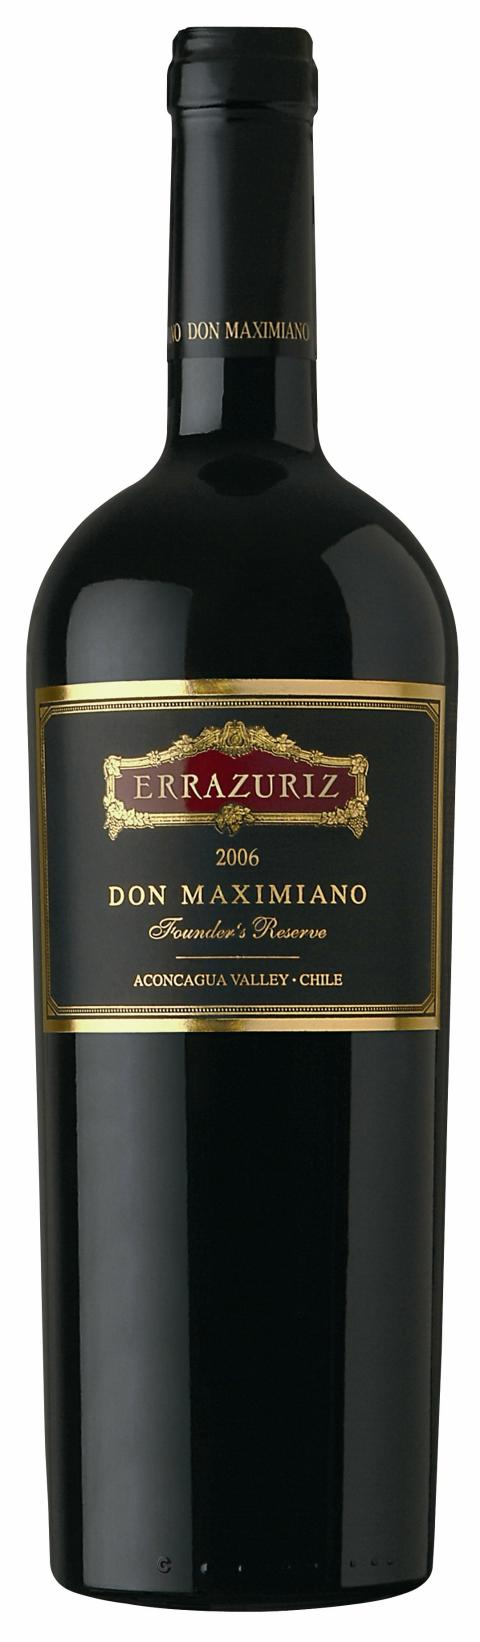 Francisco Beattig, från Viña Errazuriz.  Årets vinmakare i vinlandet Chile!